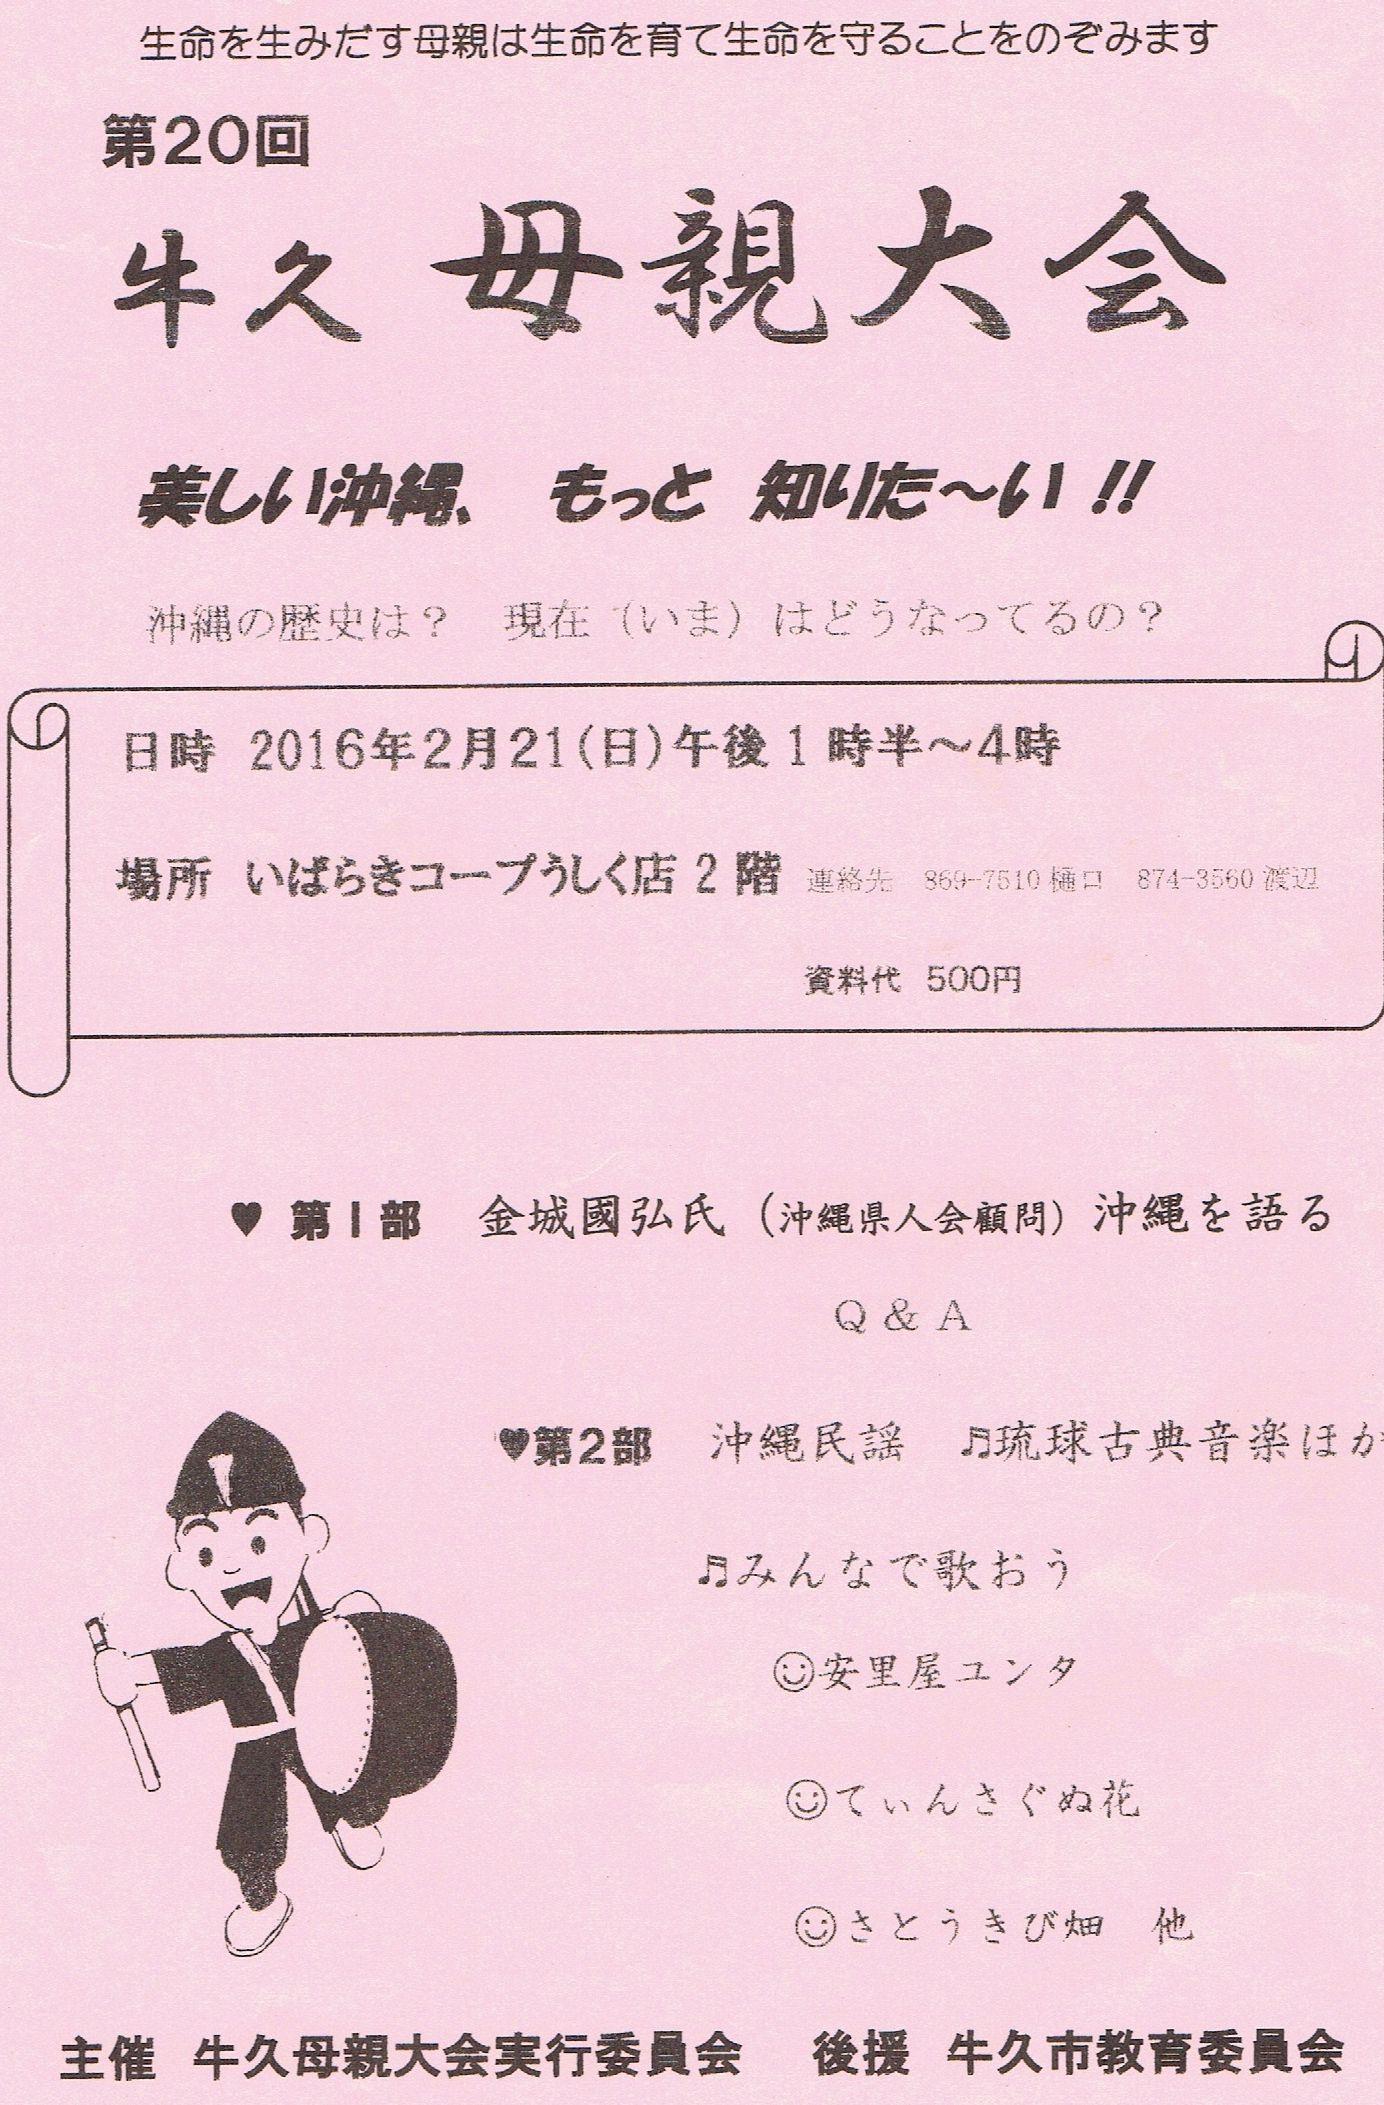 2016年3月23日 第20回 茨城県牛久母親大会 その7_d0249595_15115827.jpg